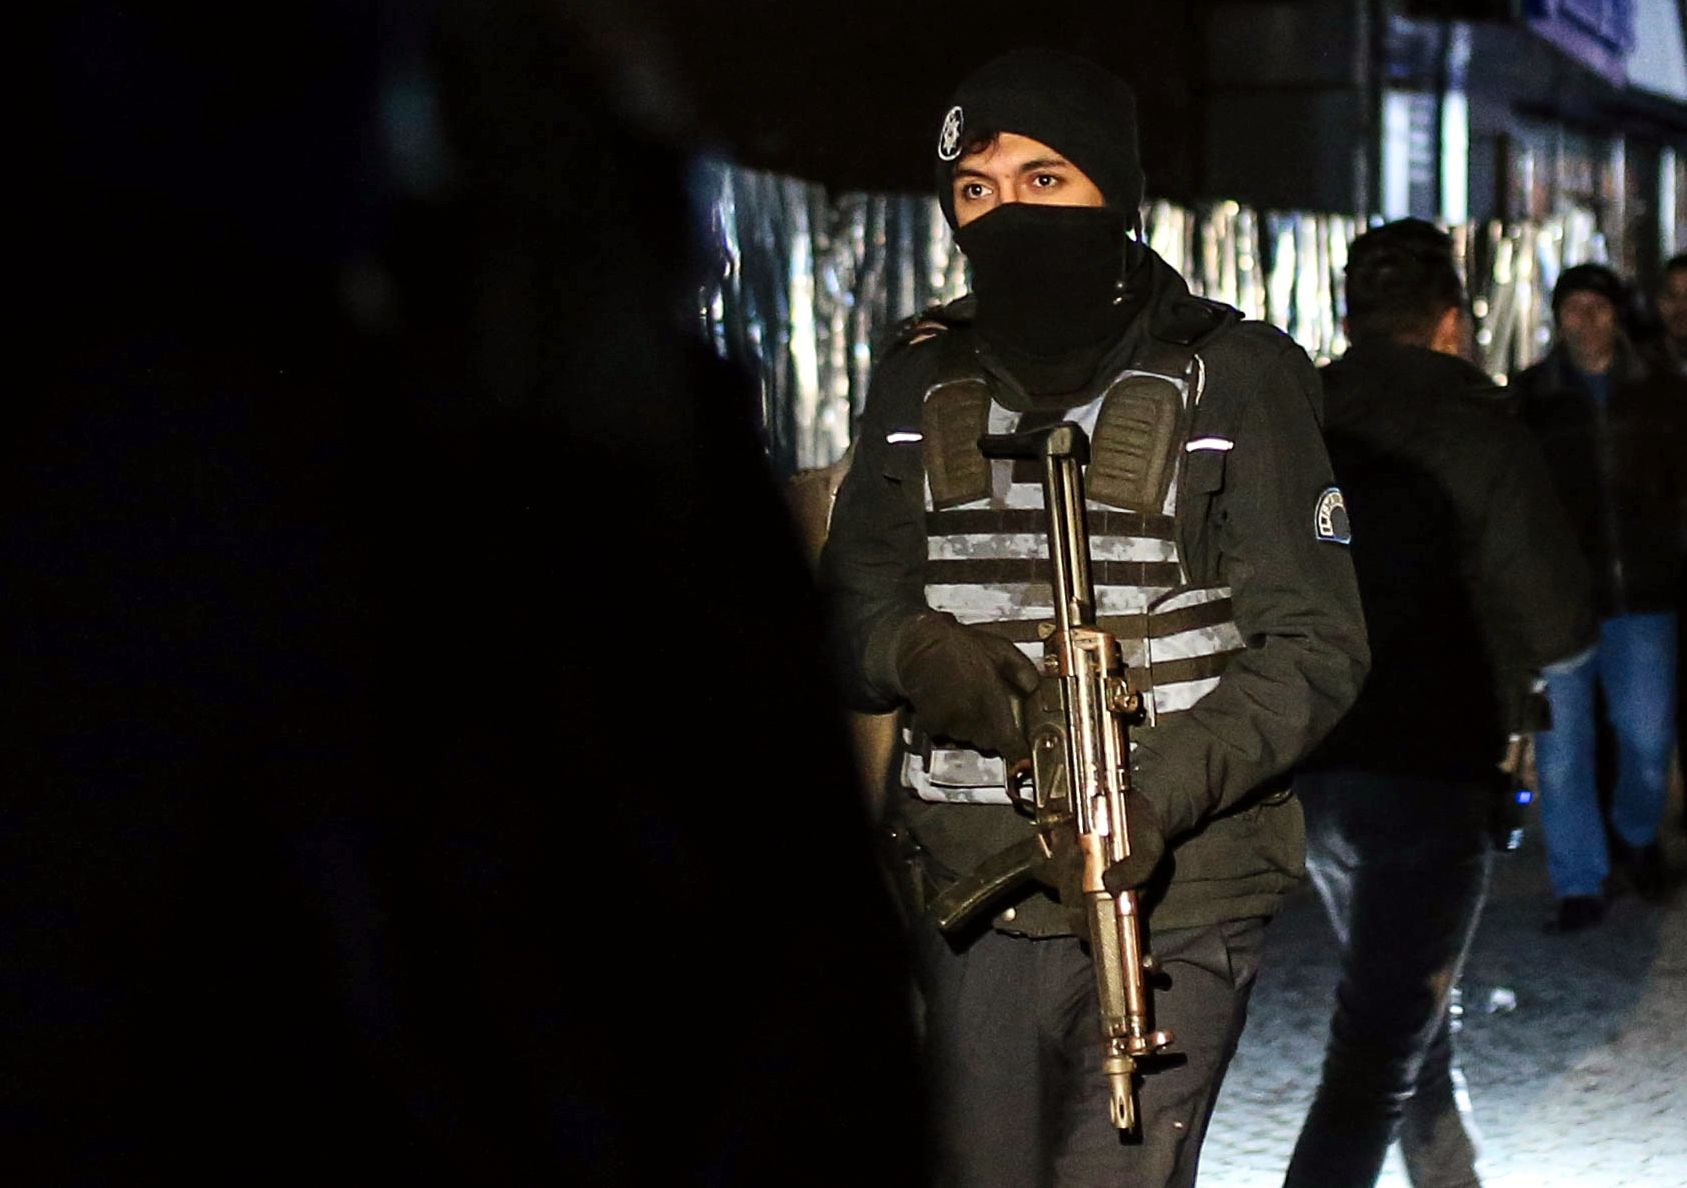 SPESIALSTYRKER: En soldat i den tyrkiske spesisalstyrken under storaksjonen i Istanbul mandag.